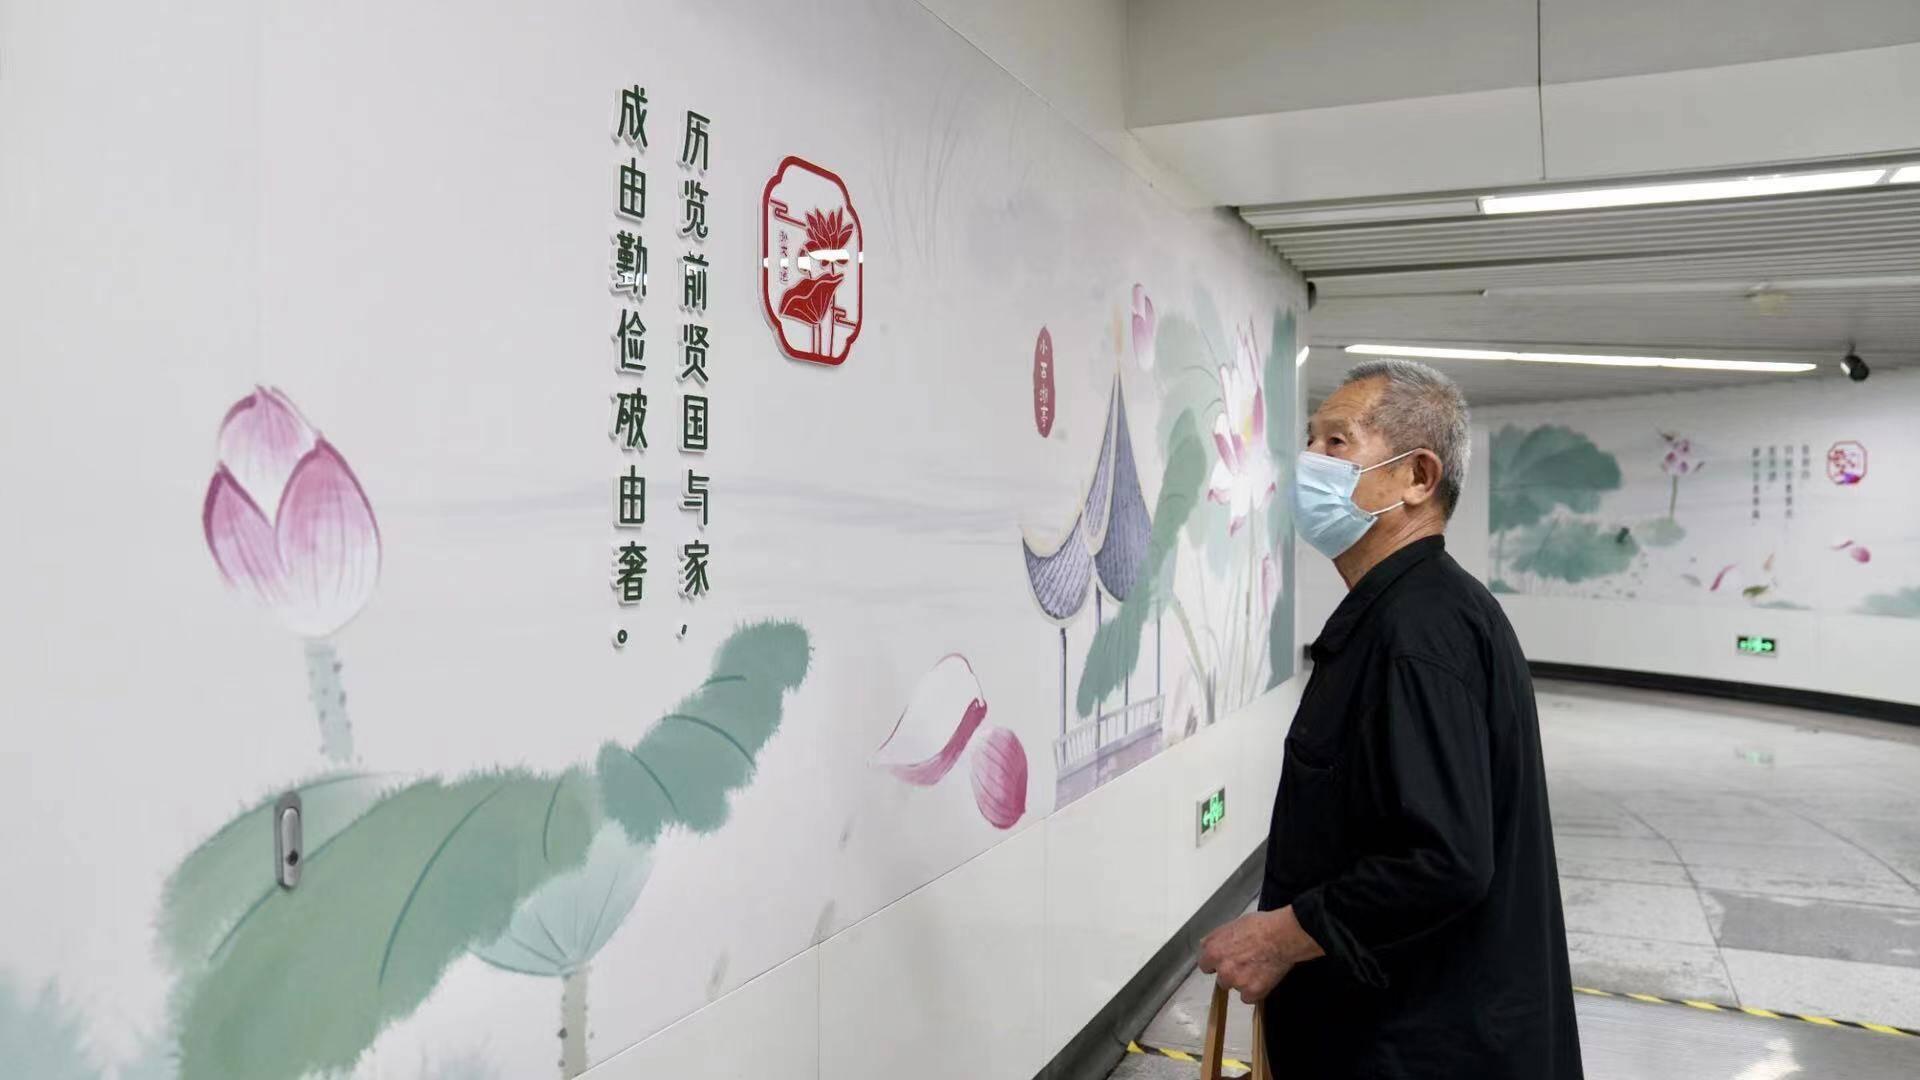 """清朗淡雅""""莲""""文化为主题  青岛首座""""清廉之岛""""主题地铁车站亮相"""